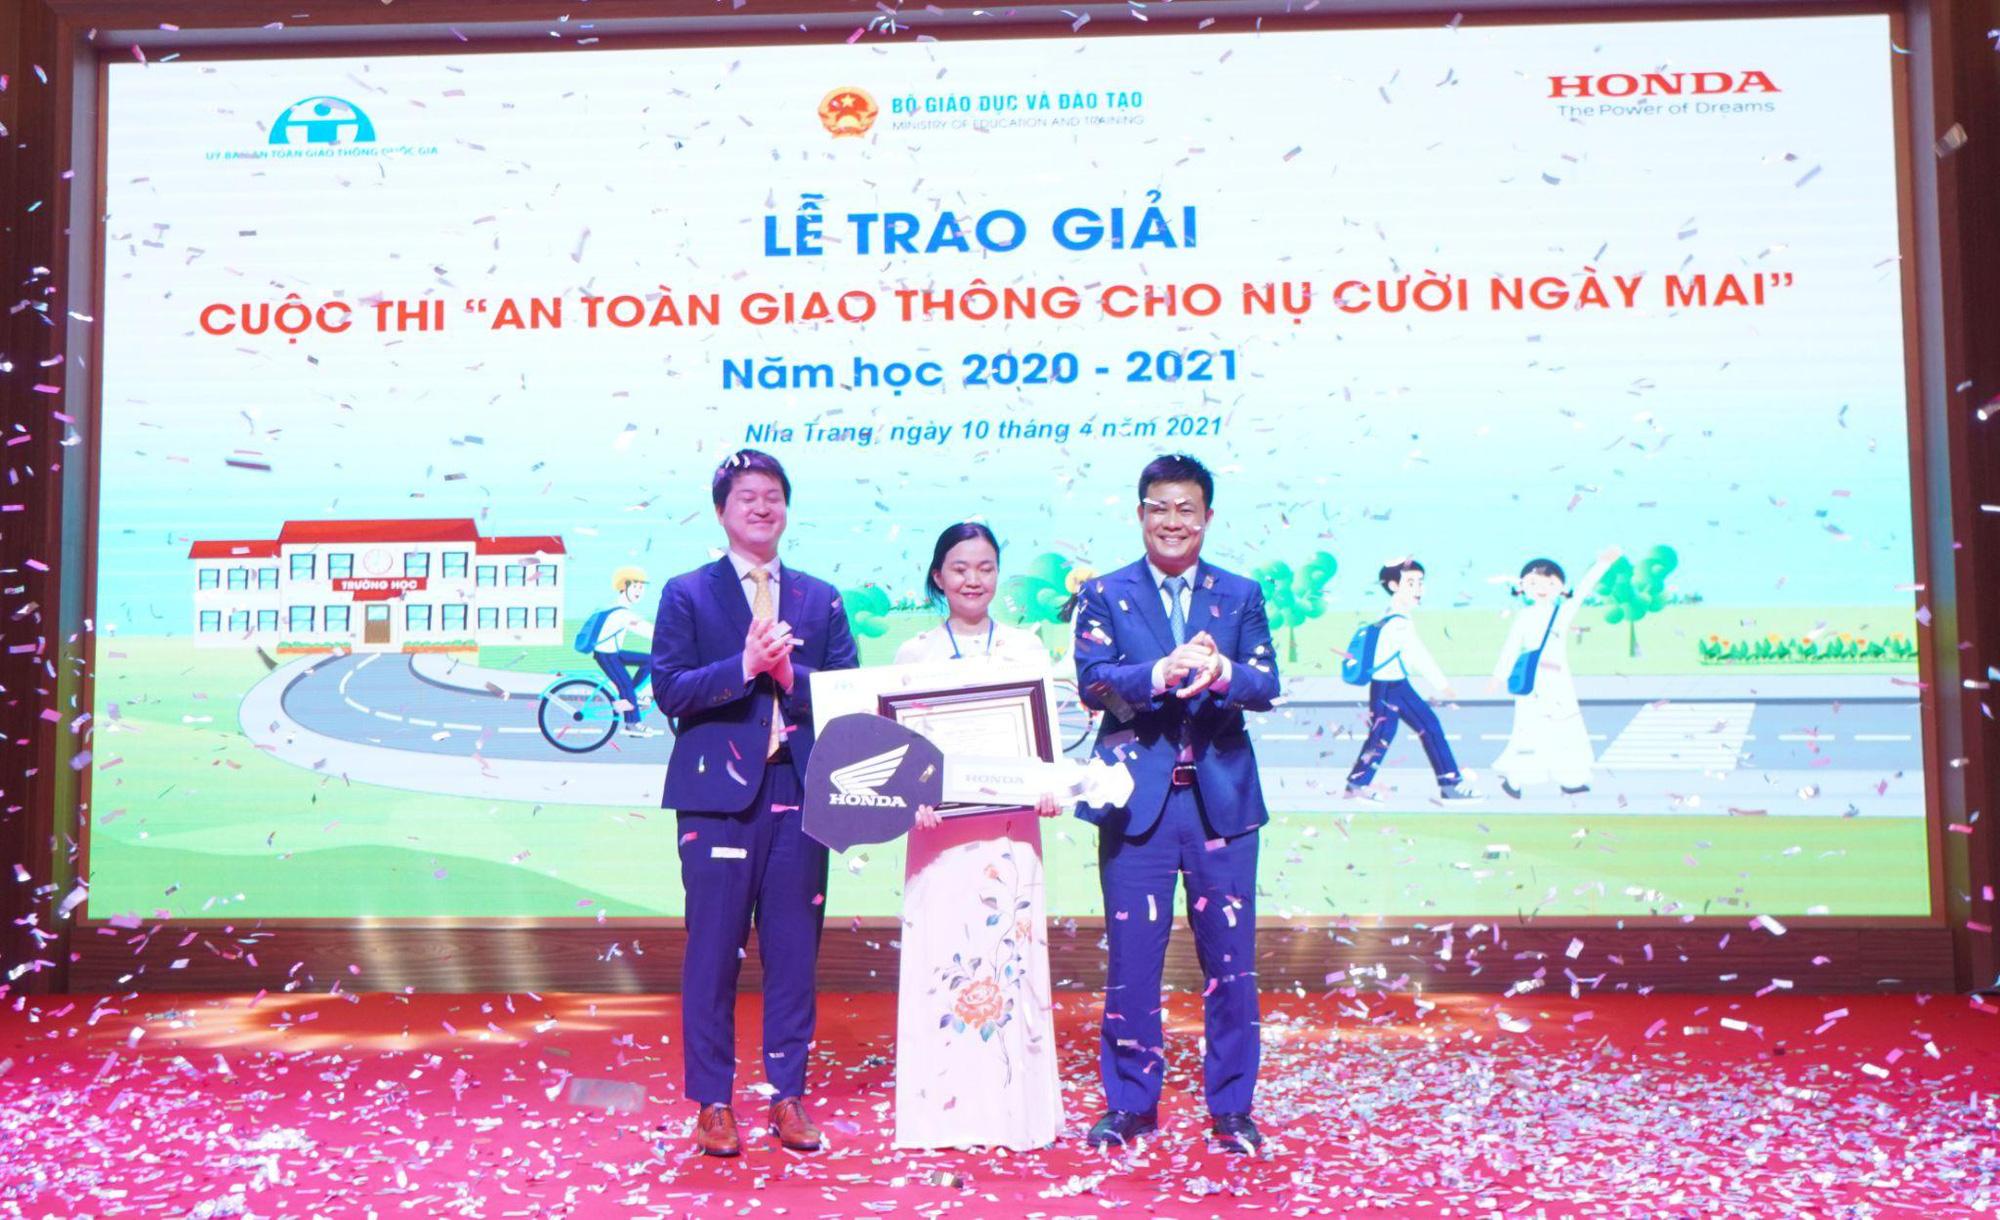 Honda Việt Nam nỗ lực giảm tai nạn giao thông ở lứa tuổi học sinh - Ảnh 3.